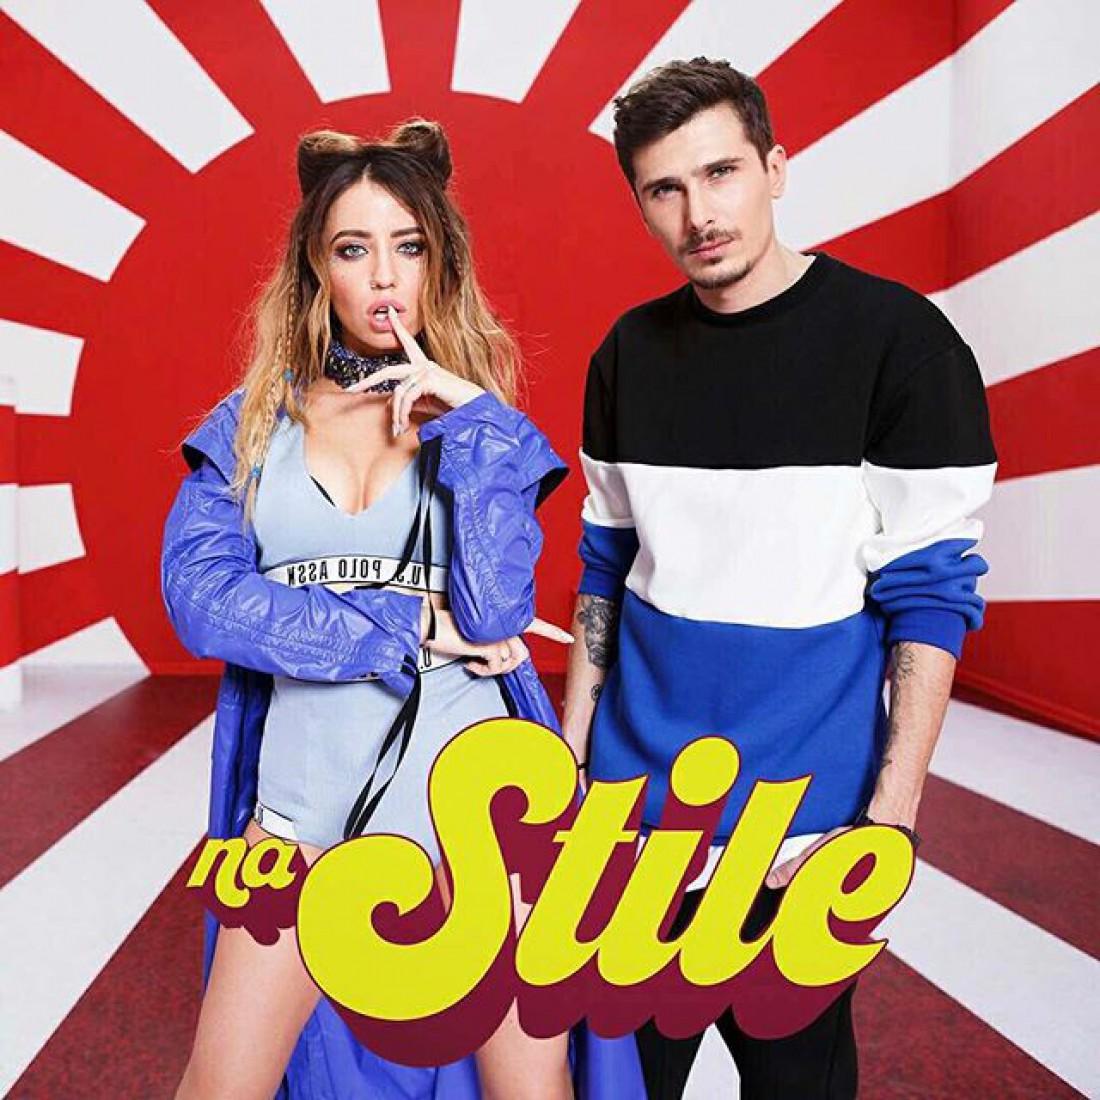 ТОП 10 песен 2017 года